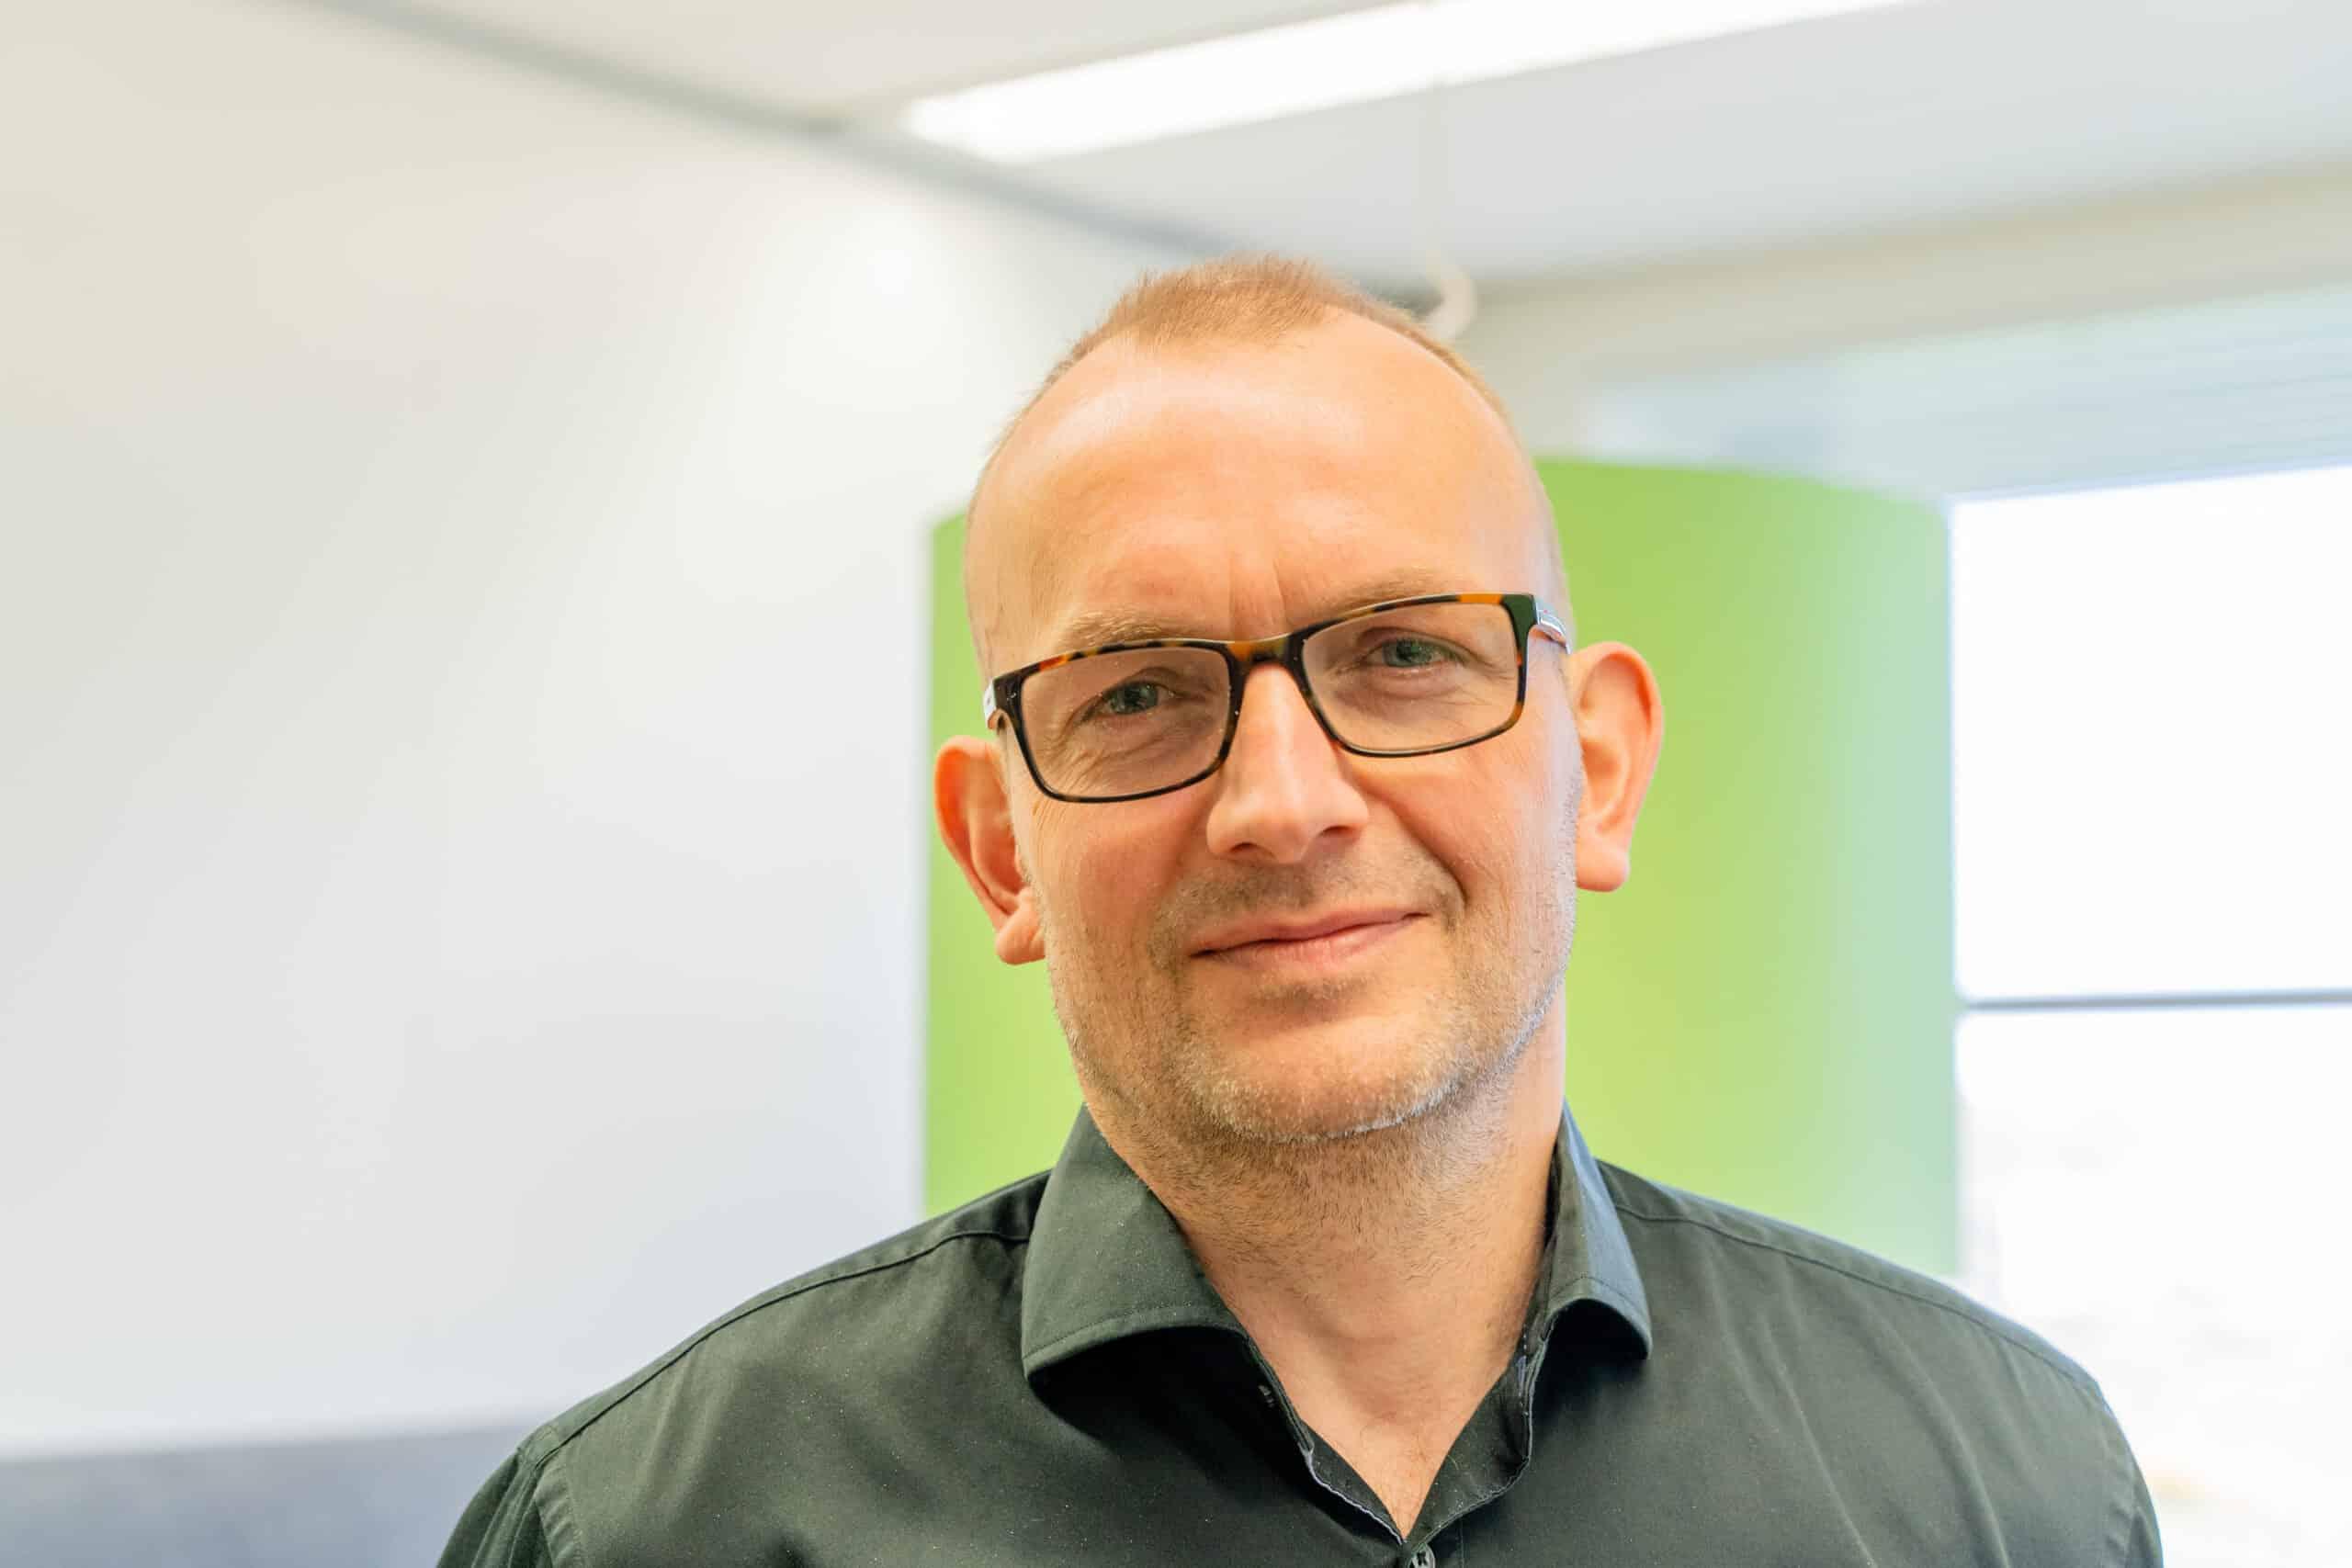 Testspecialist Gerard Numan, Polteq